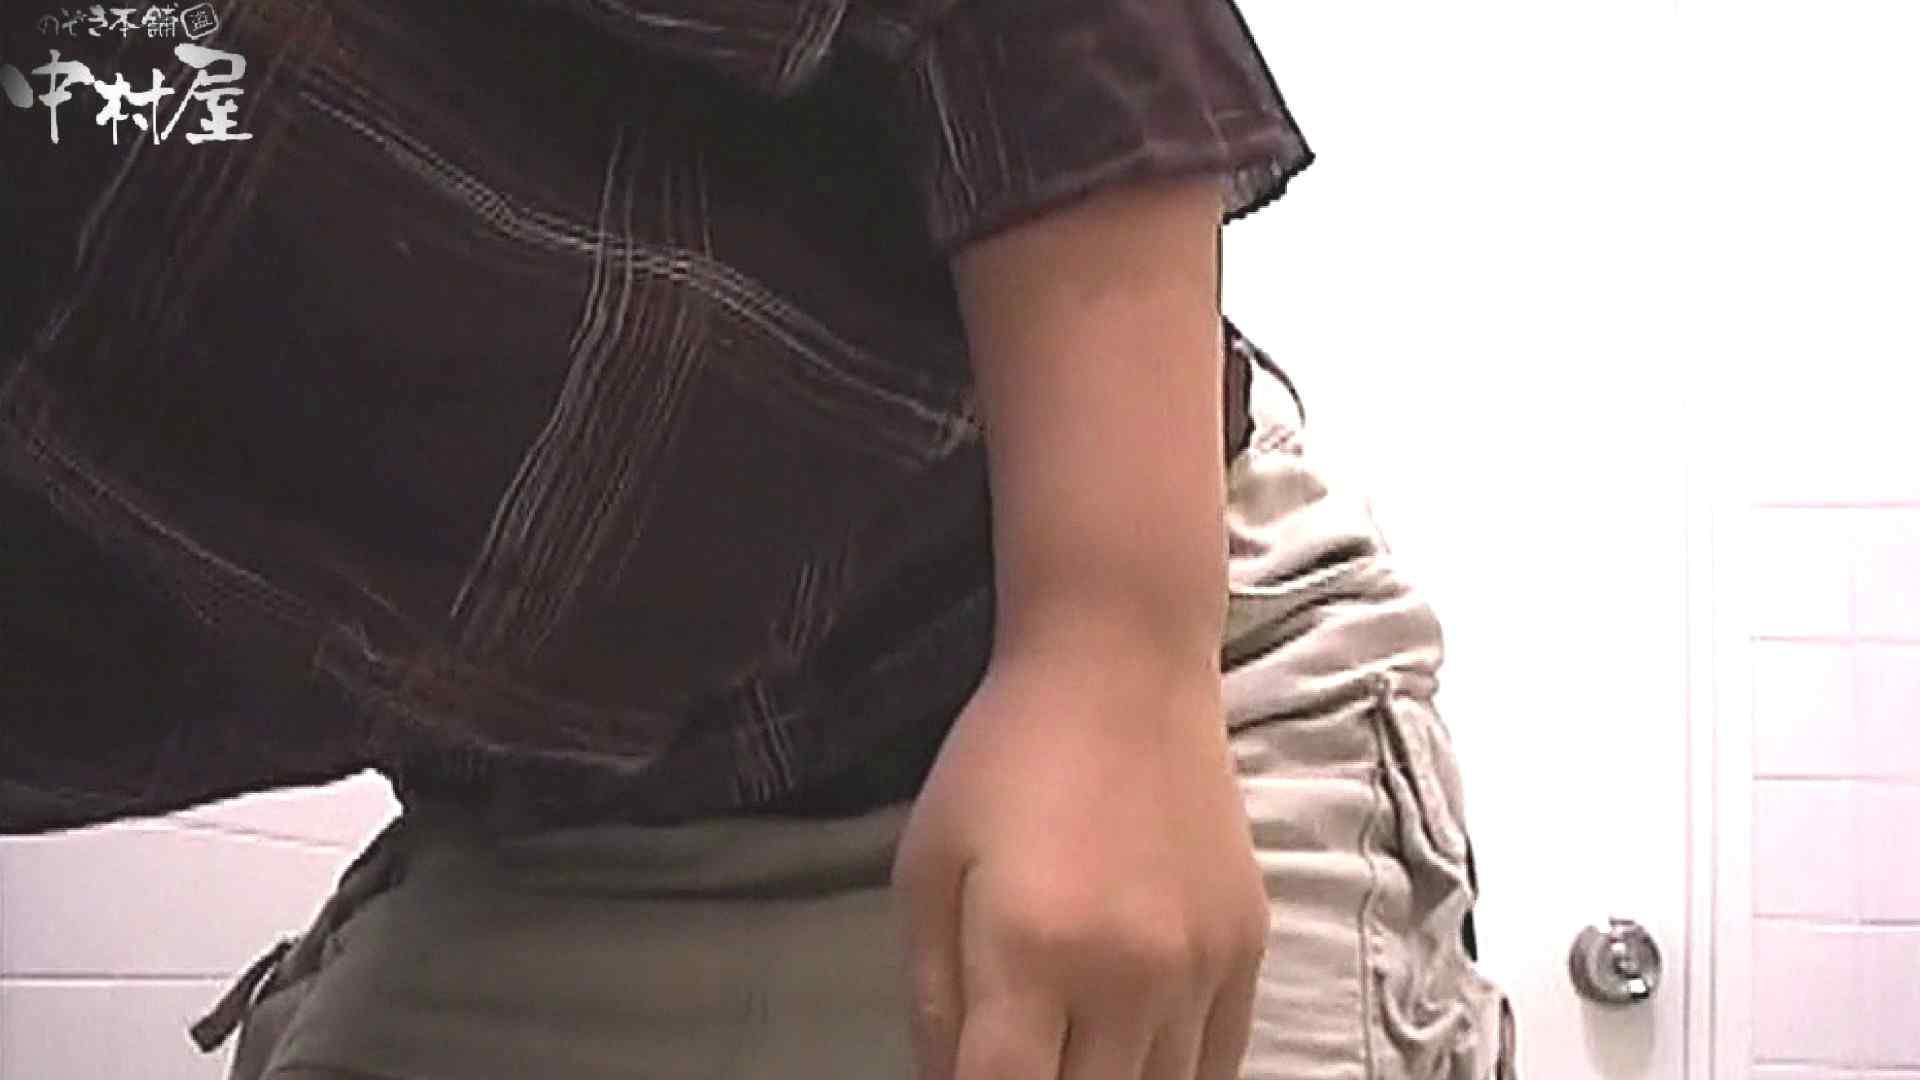 お漏らし寸前デパトイレ盗撮!Vol.08 トイレの中の女の子 SEX無修正画像 81連発 69